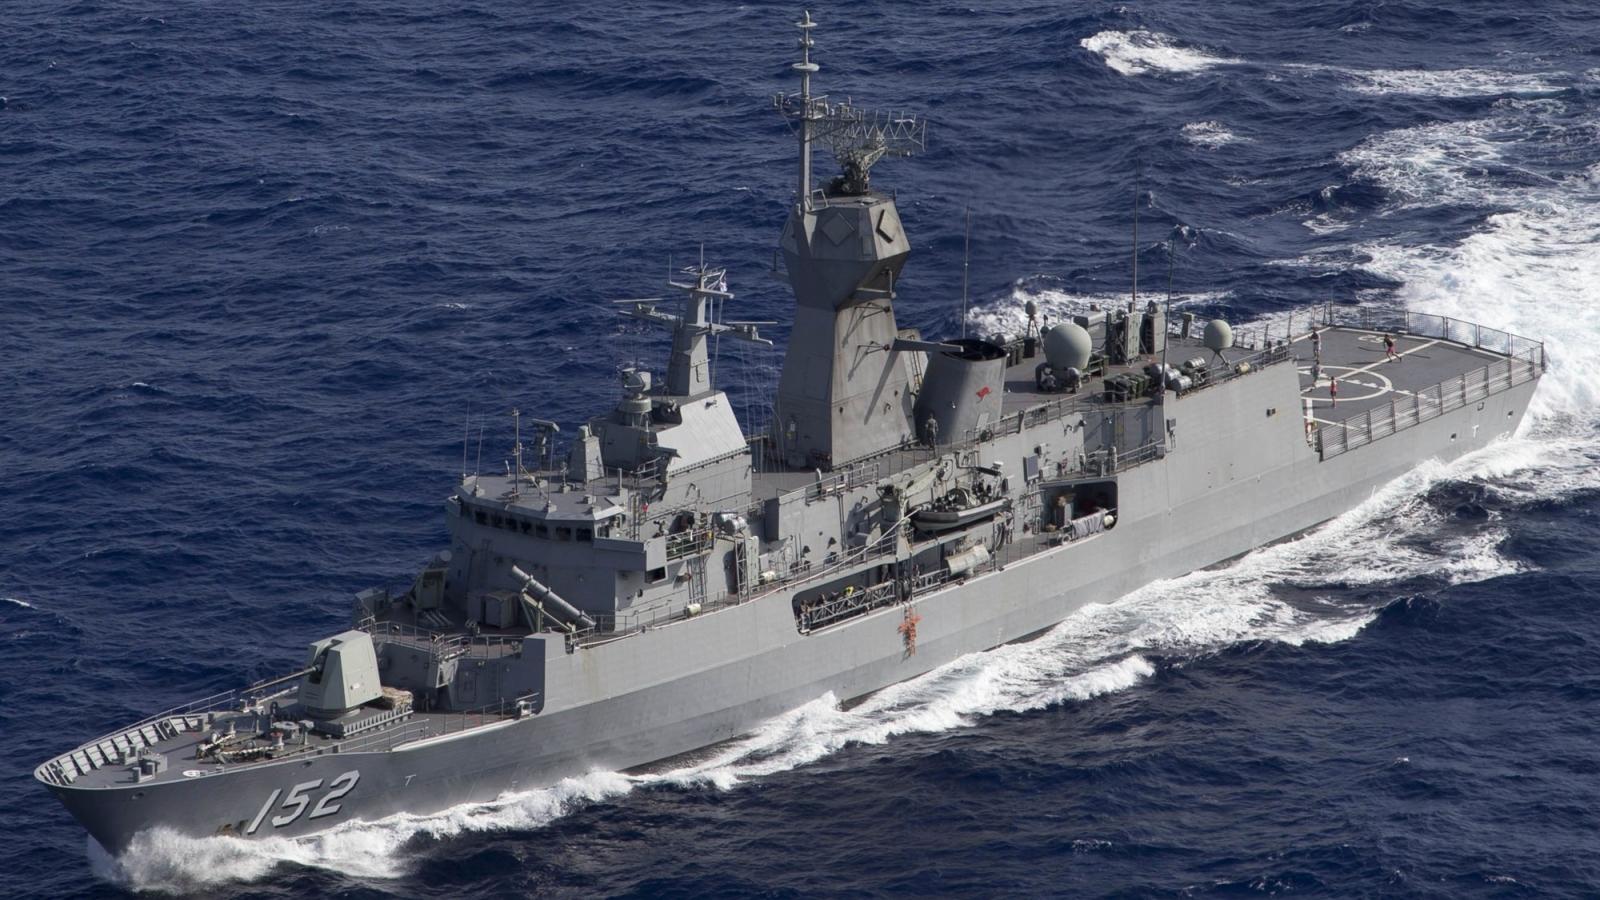 Hải quân Australia và Ấn Độ bắt đầu tập trận Ausindex 2021